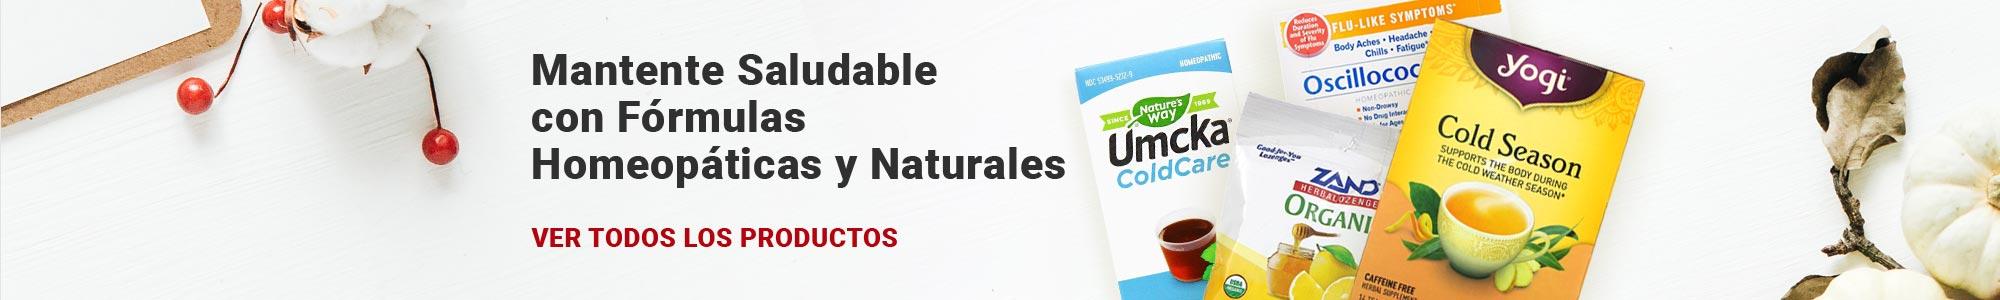 Mantente Saludable con Fórmulas Homeopáticas y Naturales para el Resfriado y la Gripe. VER TODOS LOS PRODUCTOS